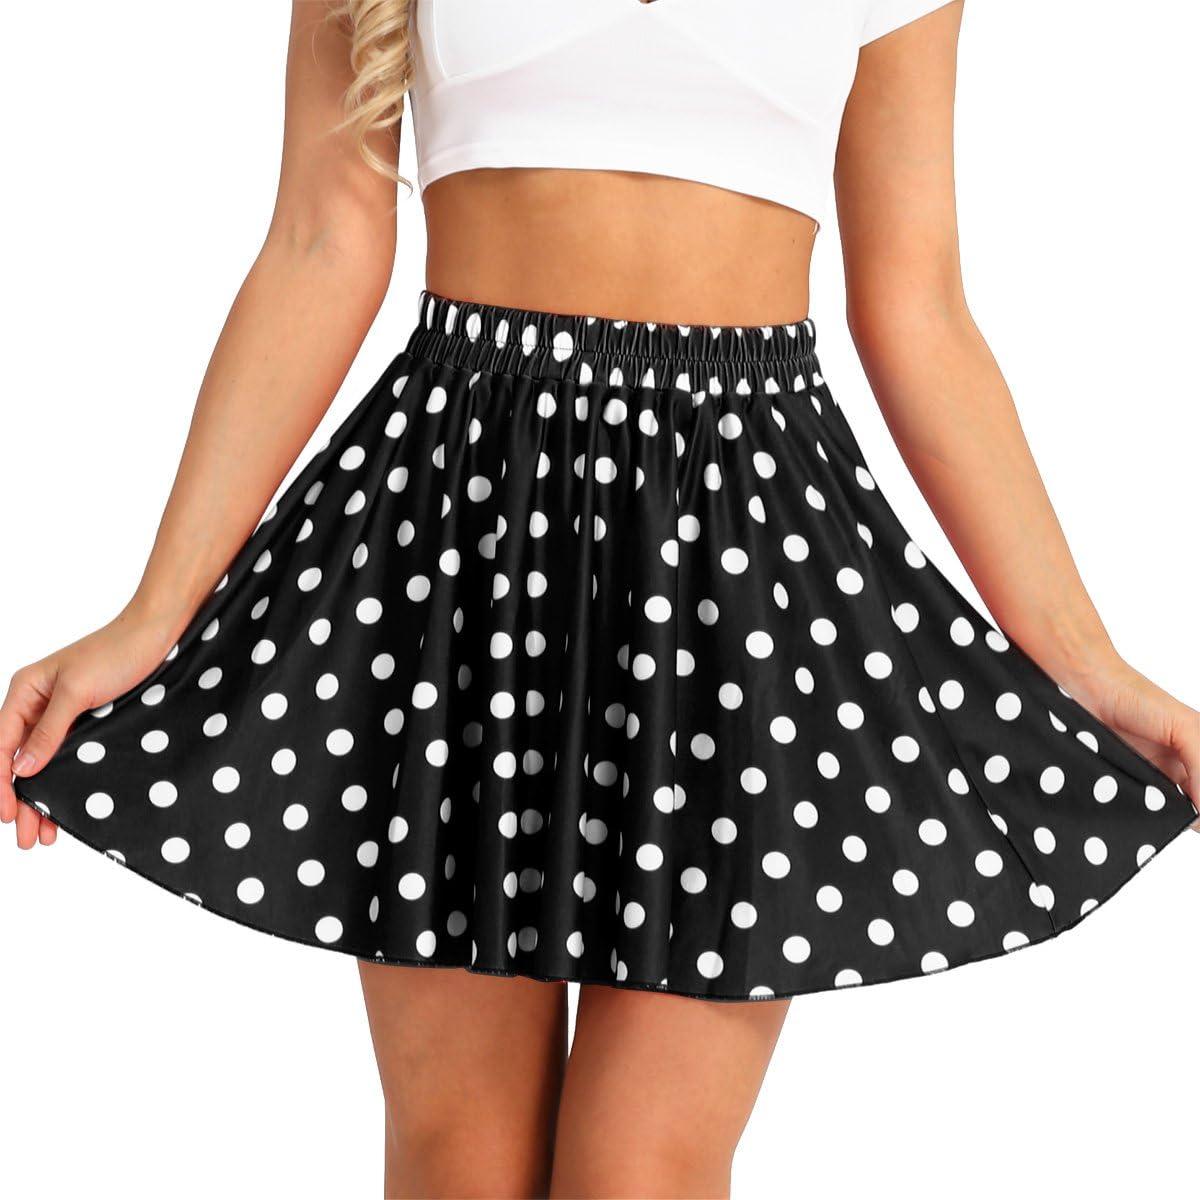 CHICTRY Women's High Waist Polka Dot Retro Flared Skater Mini Skirt